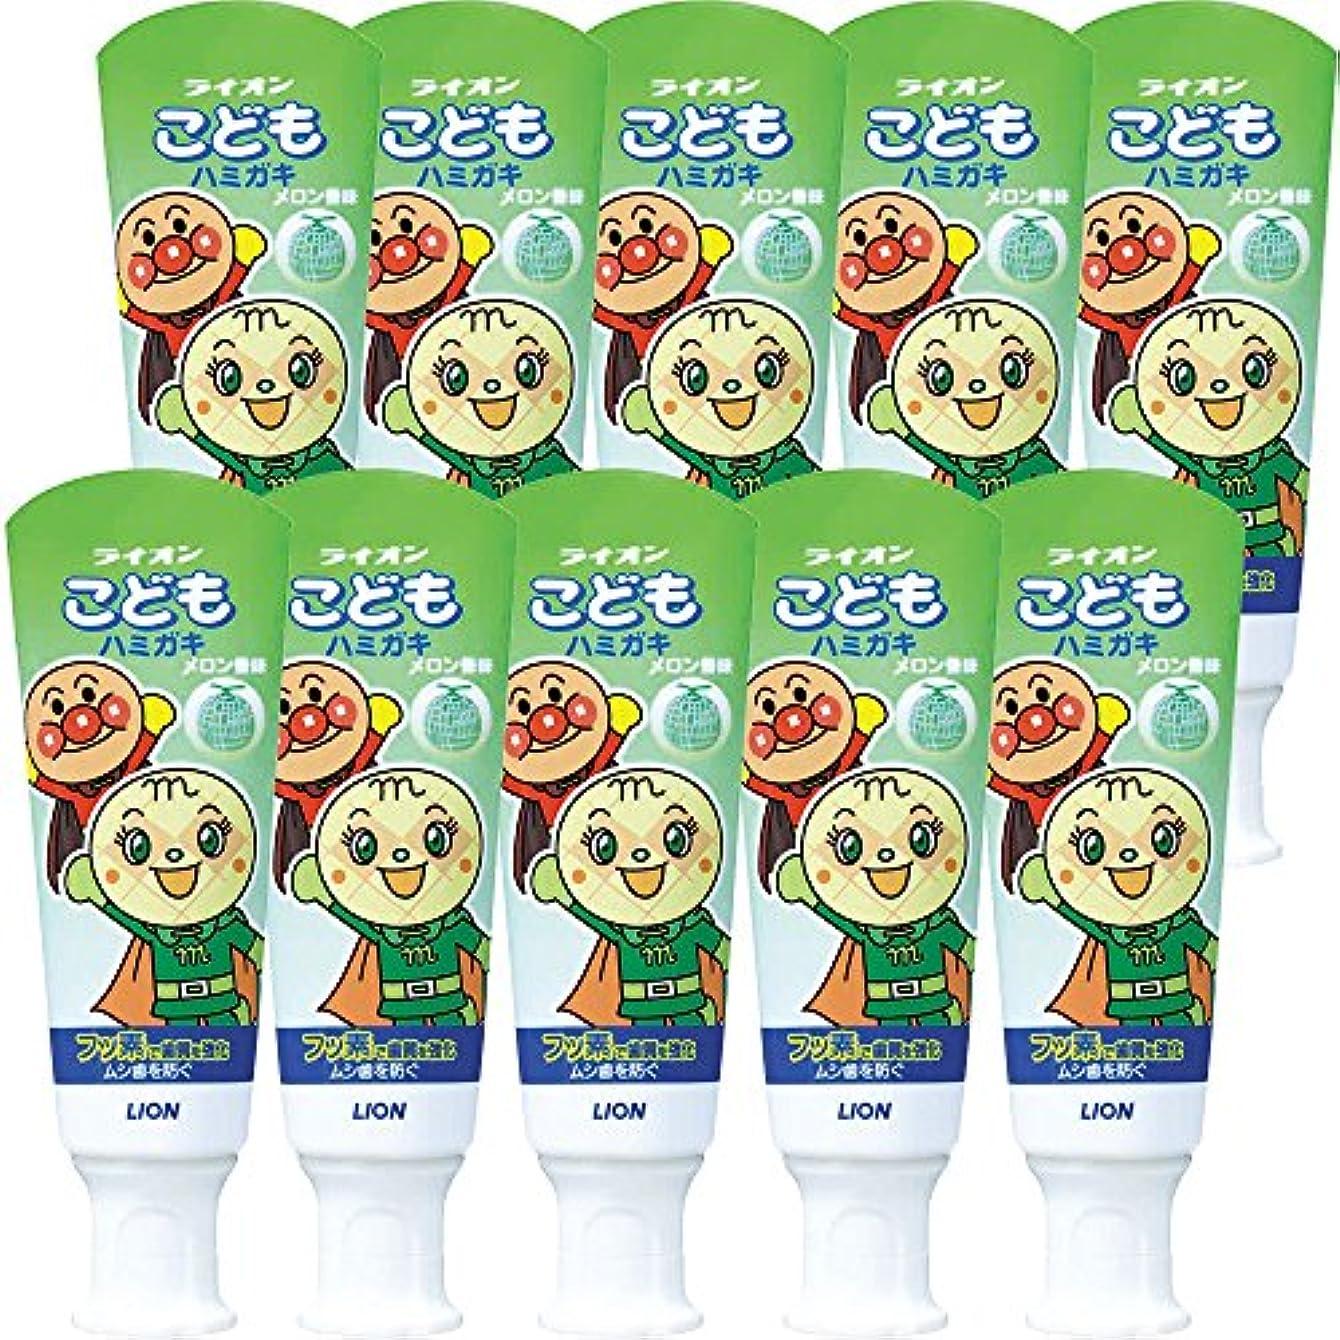 包帯キルス思慮のないこどもハミガキ アンパンマン メロン香味 40g×10個パック (医薬部外品)